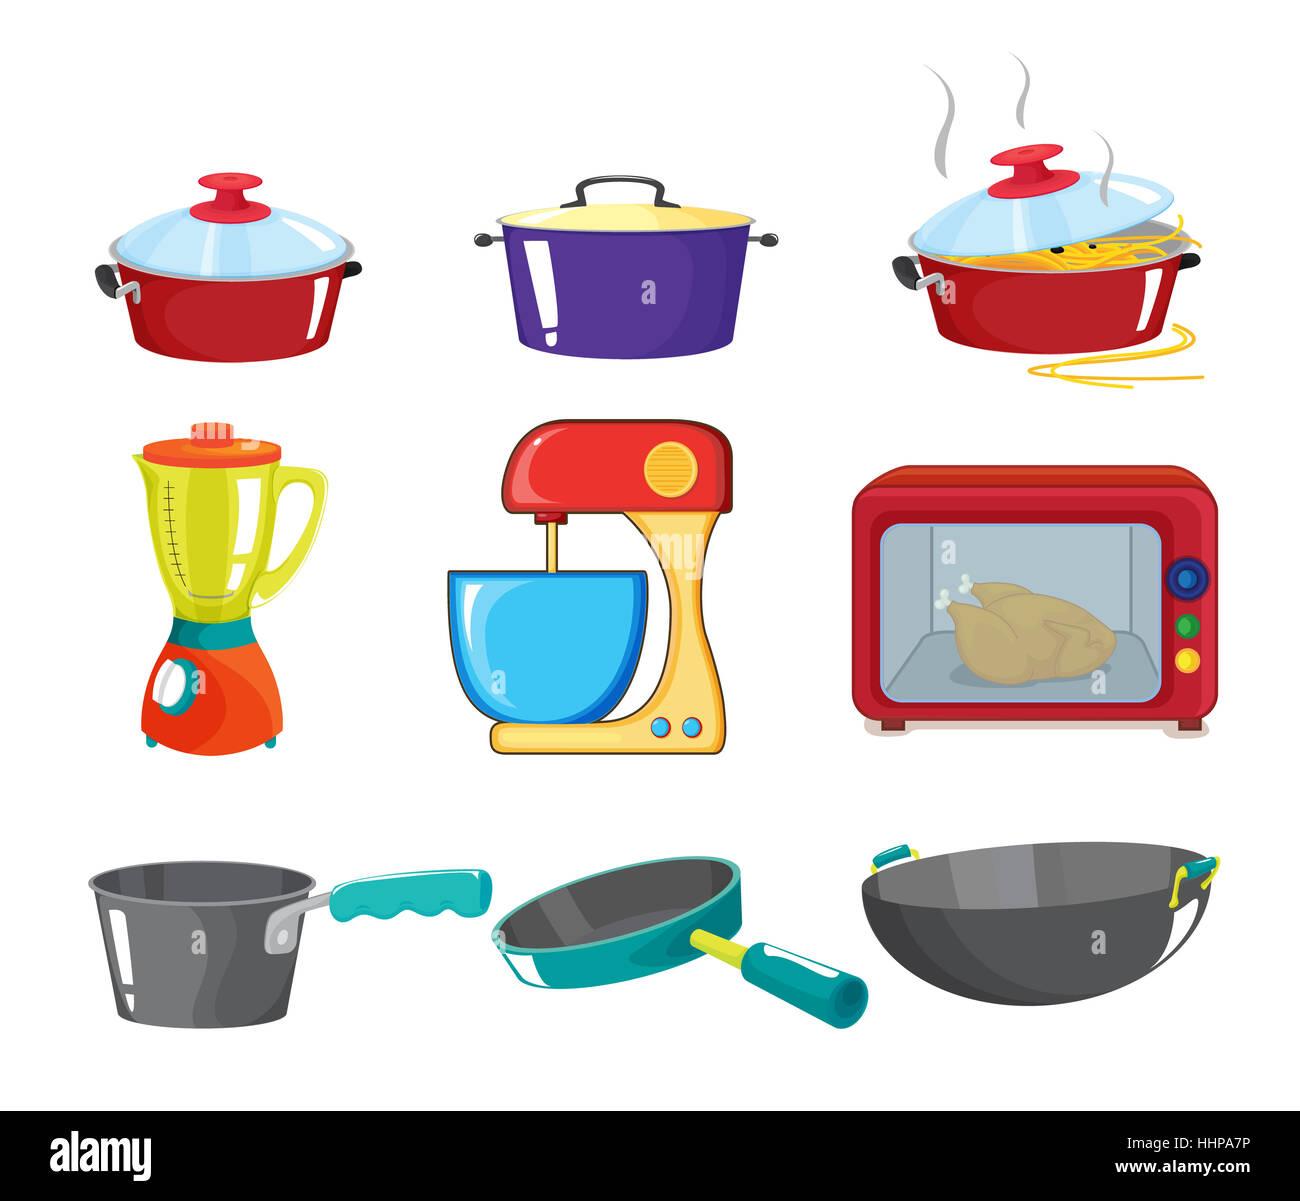 Oggetti cucina pelacarote karoto di monky business with - Oggetti cucina design ...